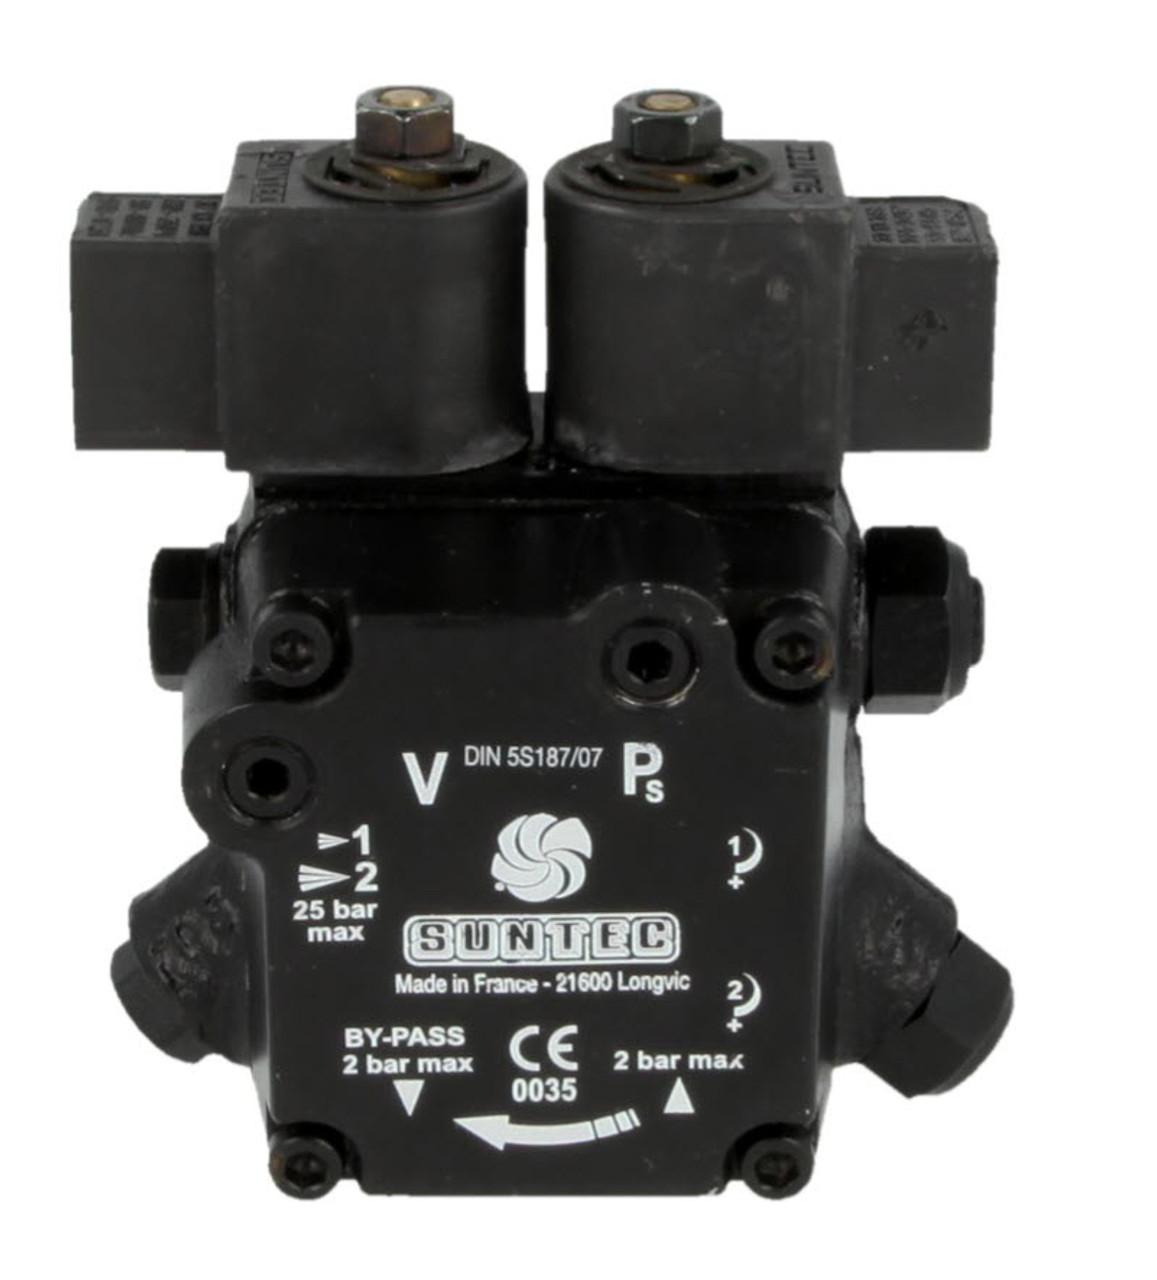 Suntec oil pump AT3 65 D 9568 4P 0500